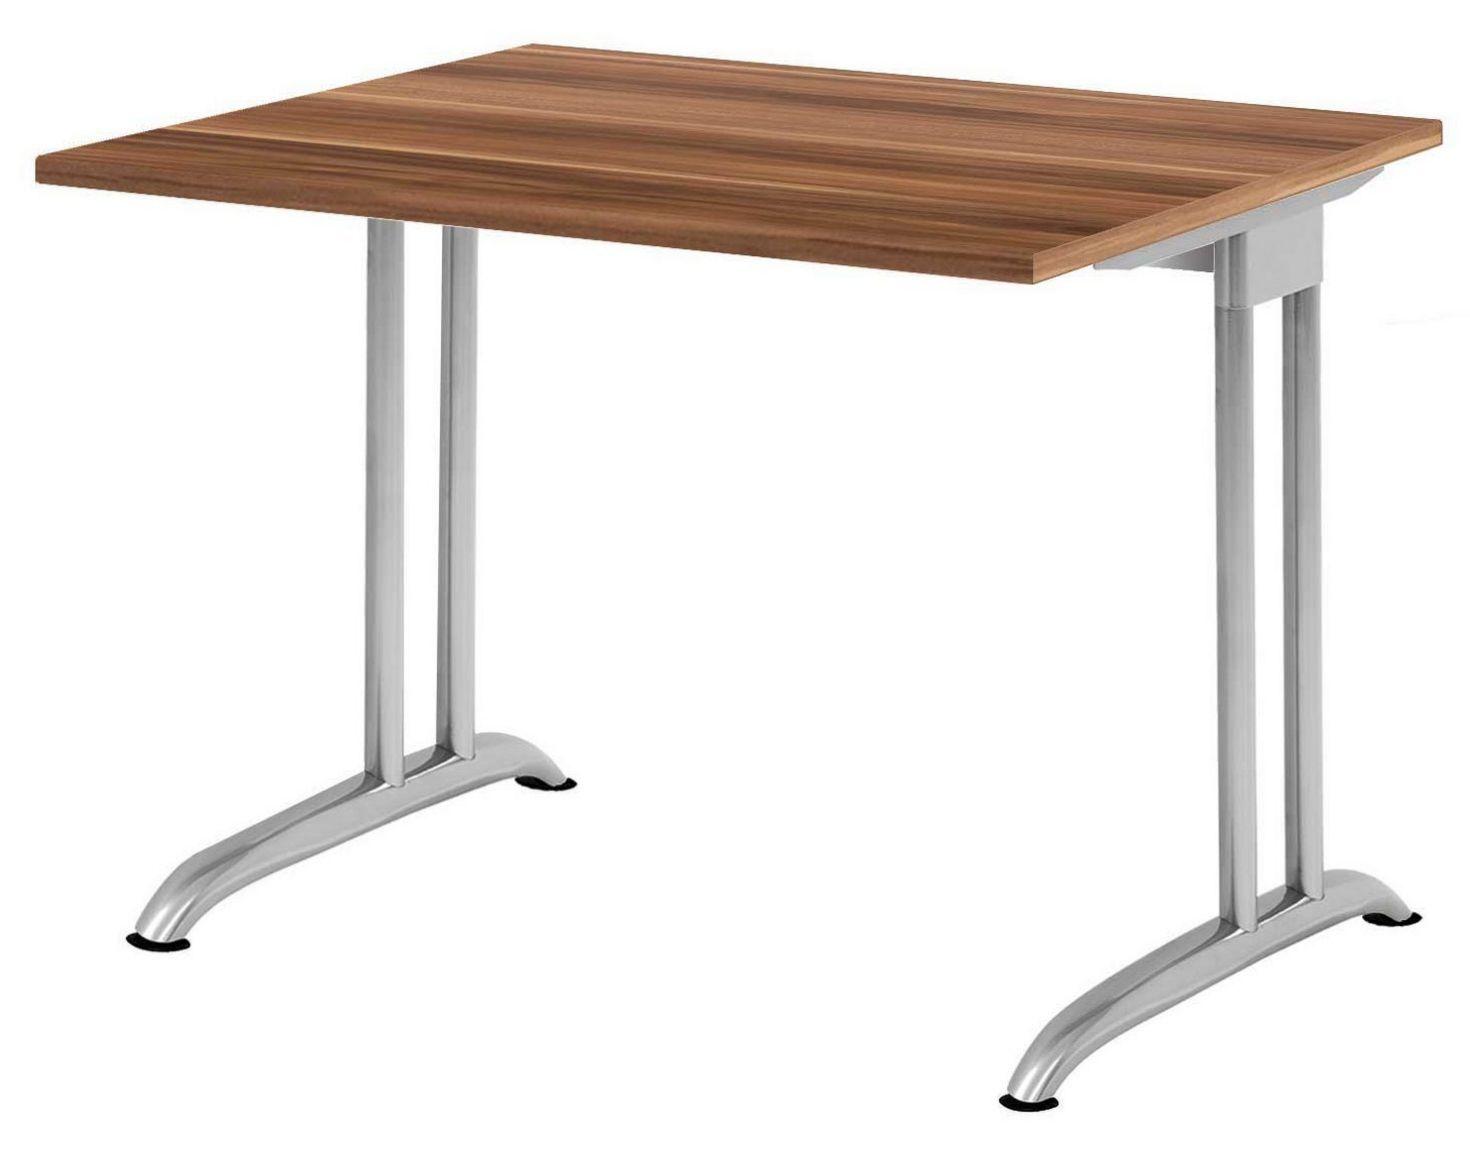 Anbau-Schreibtisch 80x80 cm